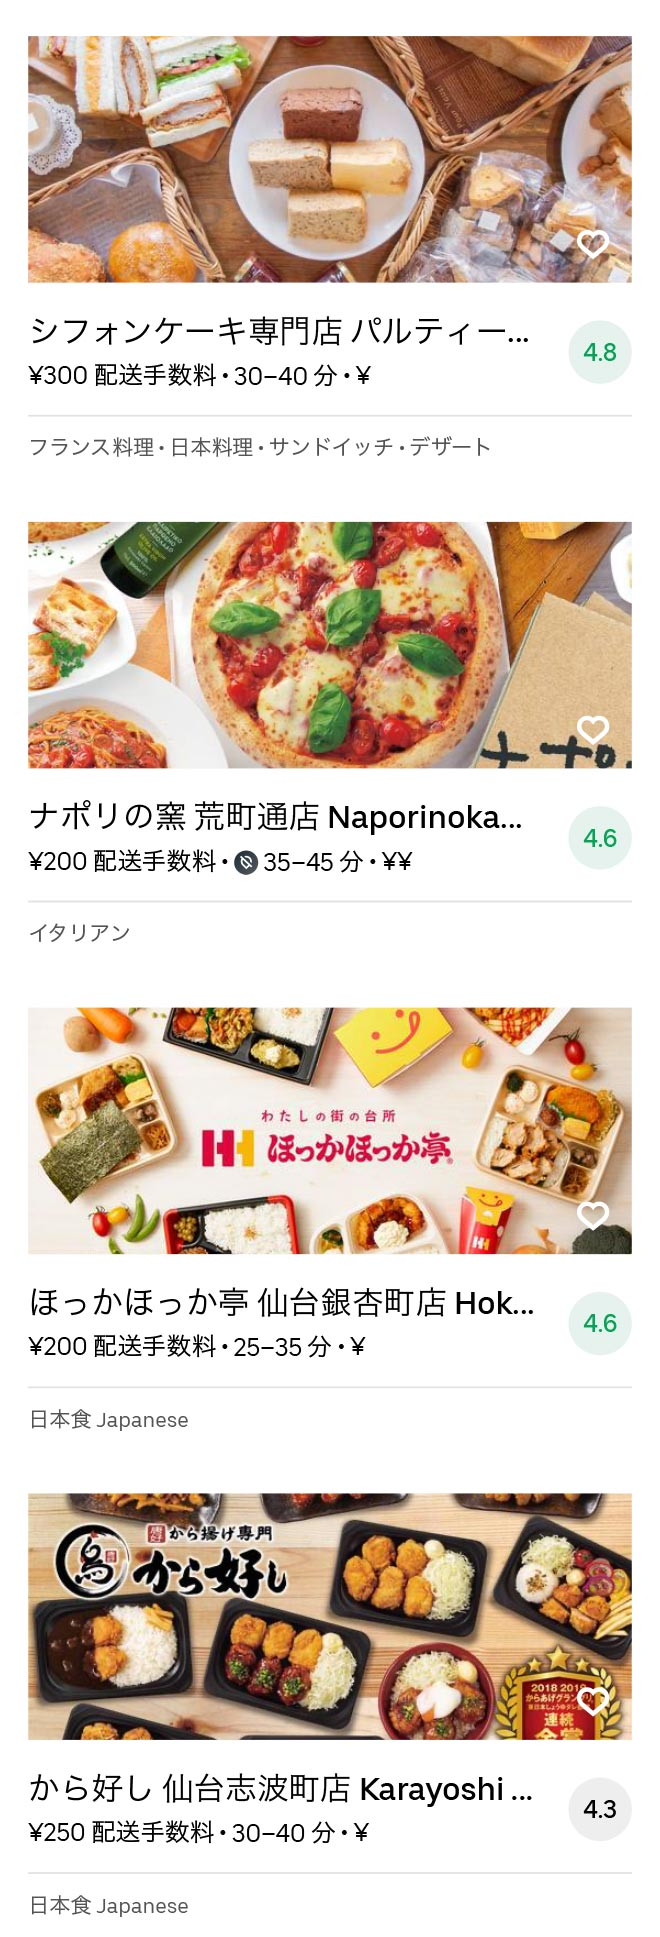 Higashi sendai menu 2008 07